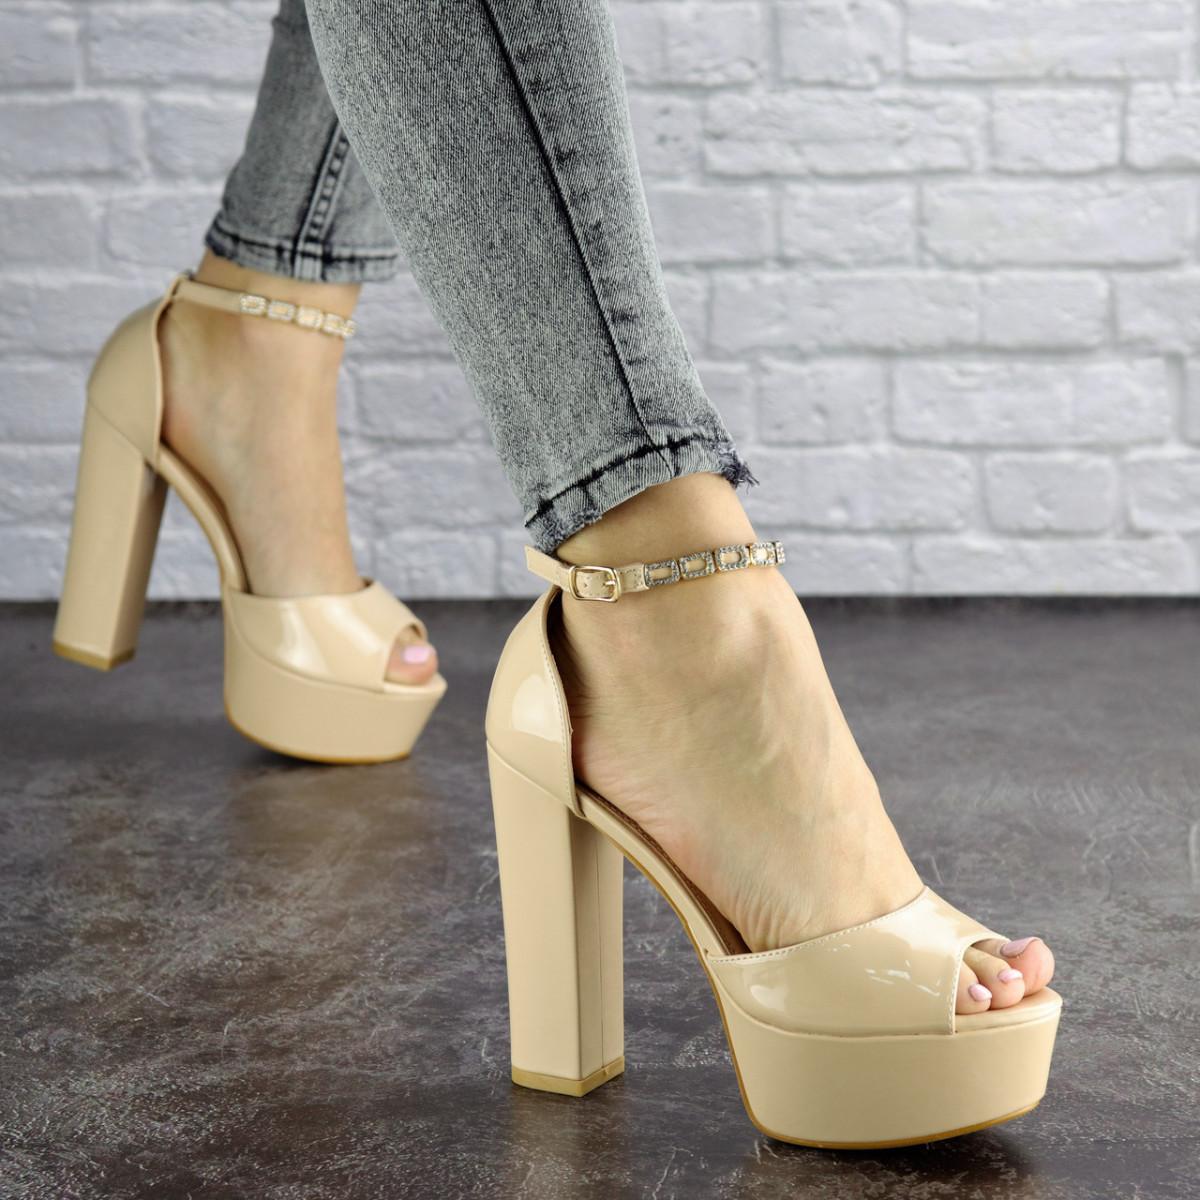 Женские стильные босоножки Kassie на каблуке 1193 (37 размер)